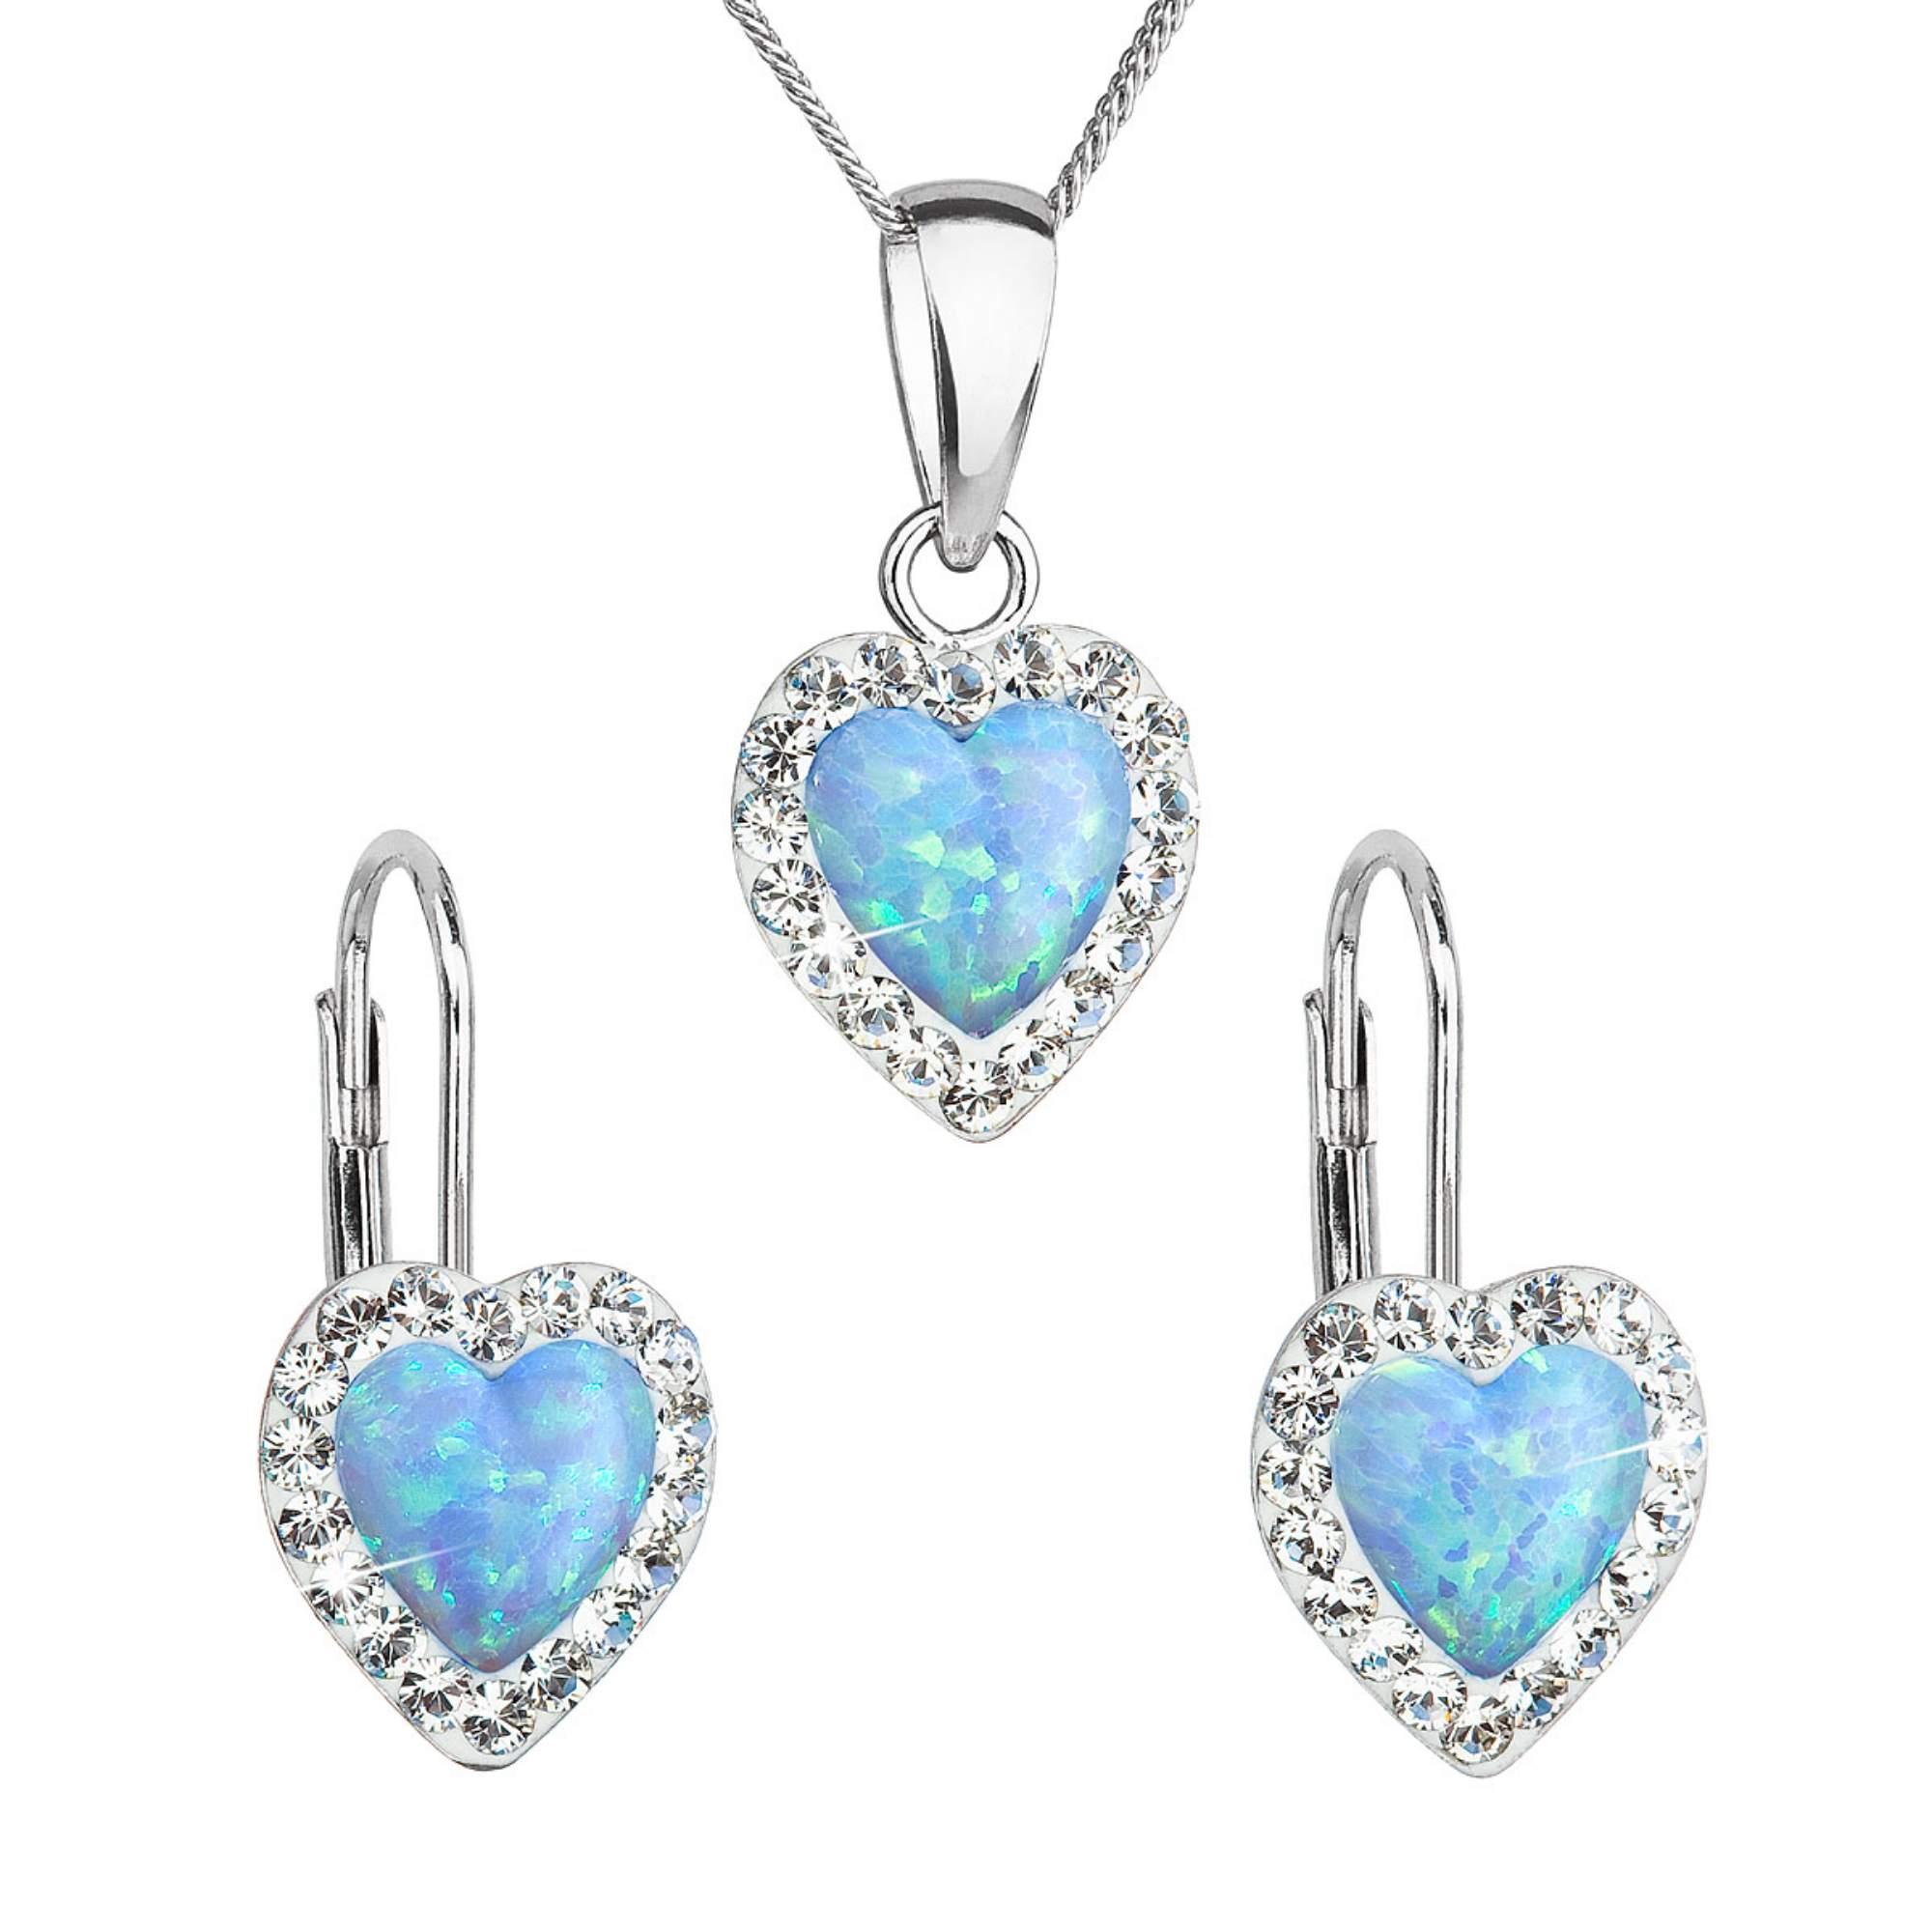 Sada šperkov so syntetickým opálom a krištálmi Preciosa náušnice a prívesok svetlo modré srdce 39161.1